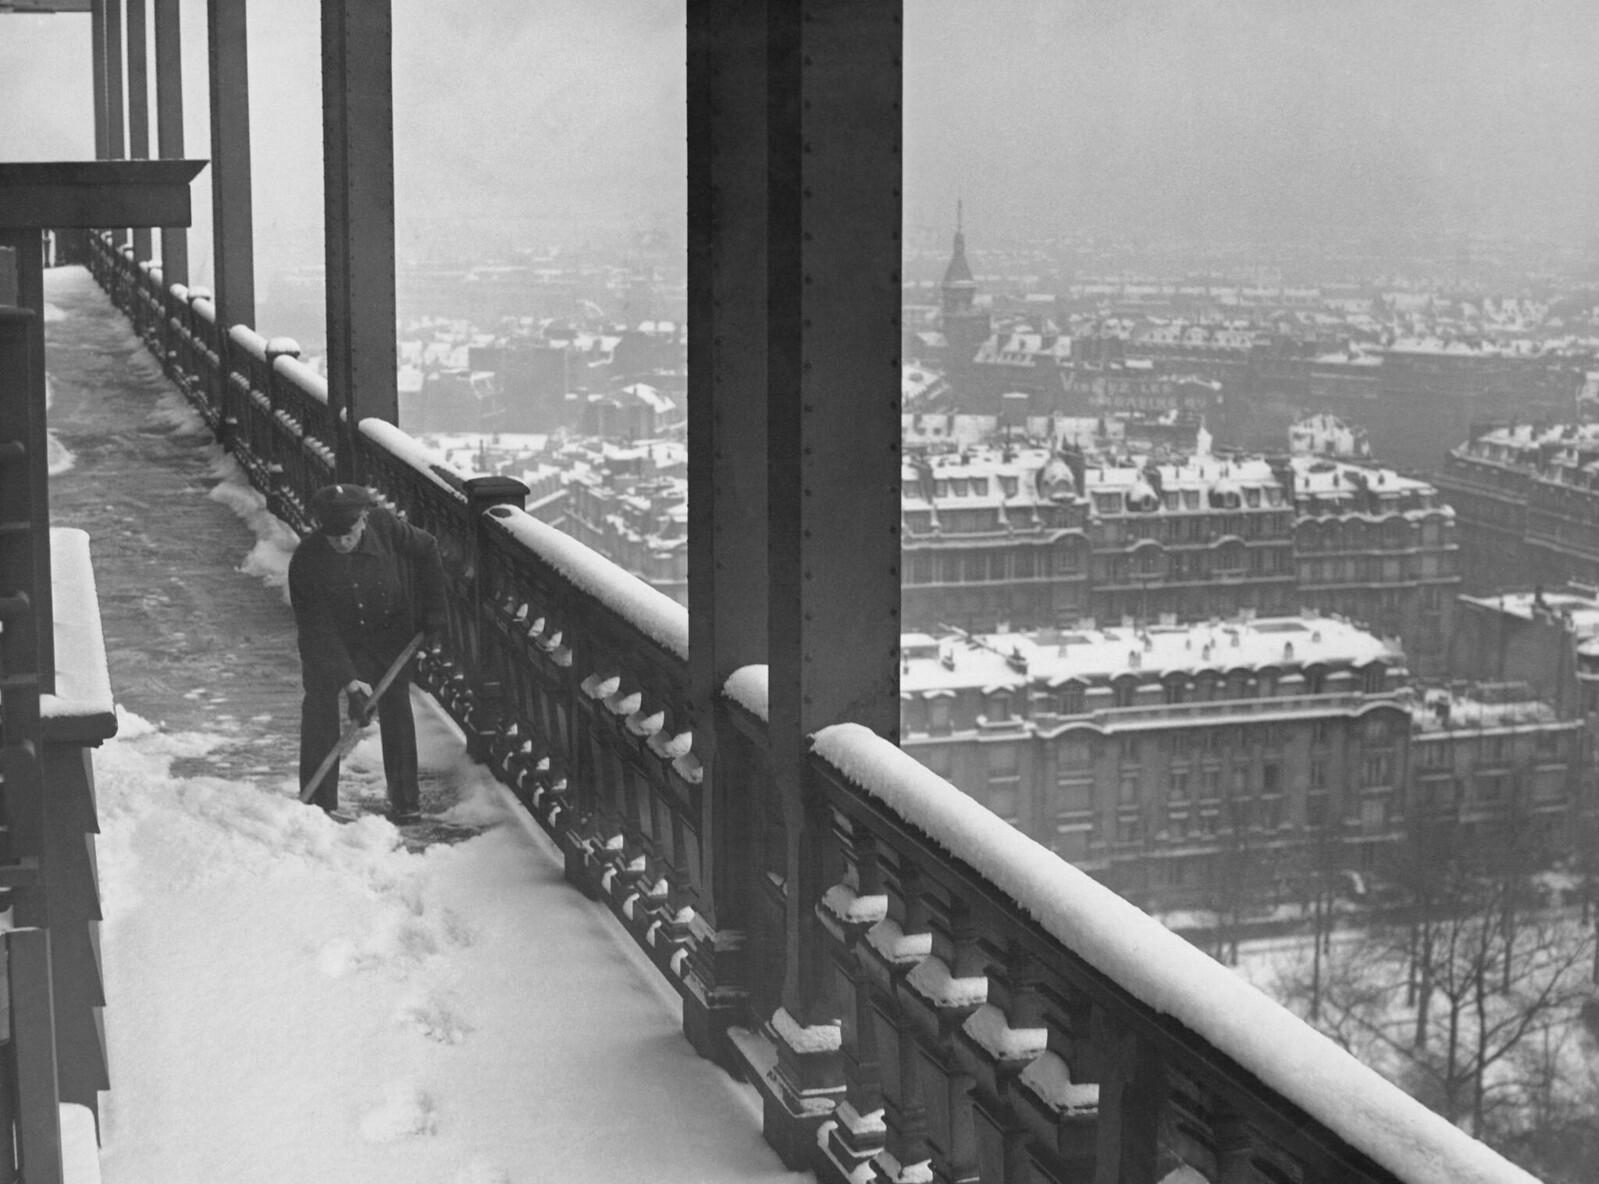 19. 1937. Уборщик снега с первого этажа Эйфелевой башни, 21 декабря